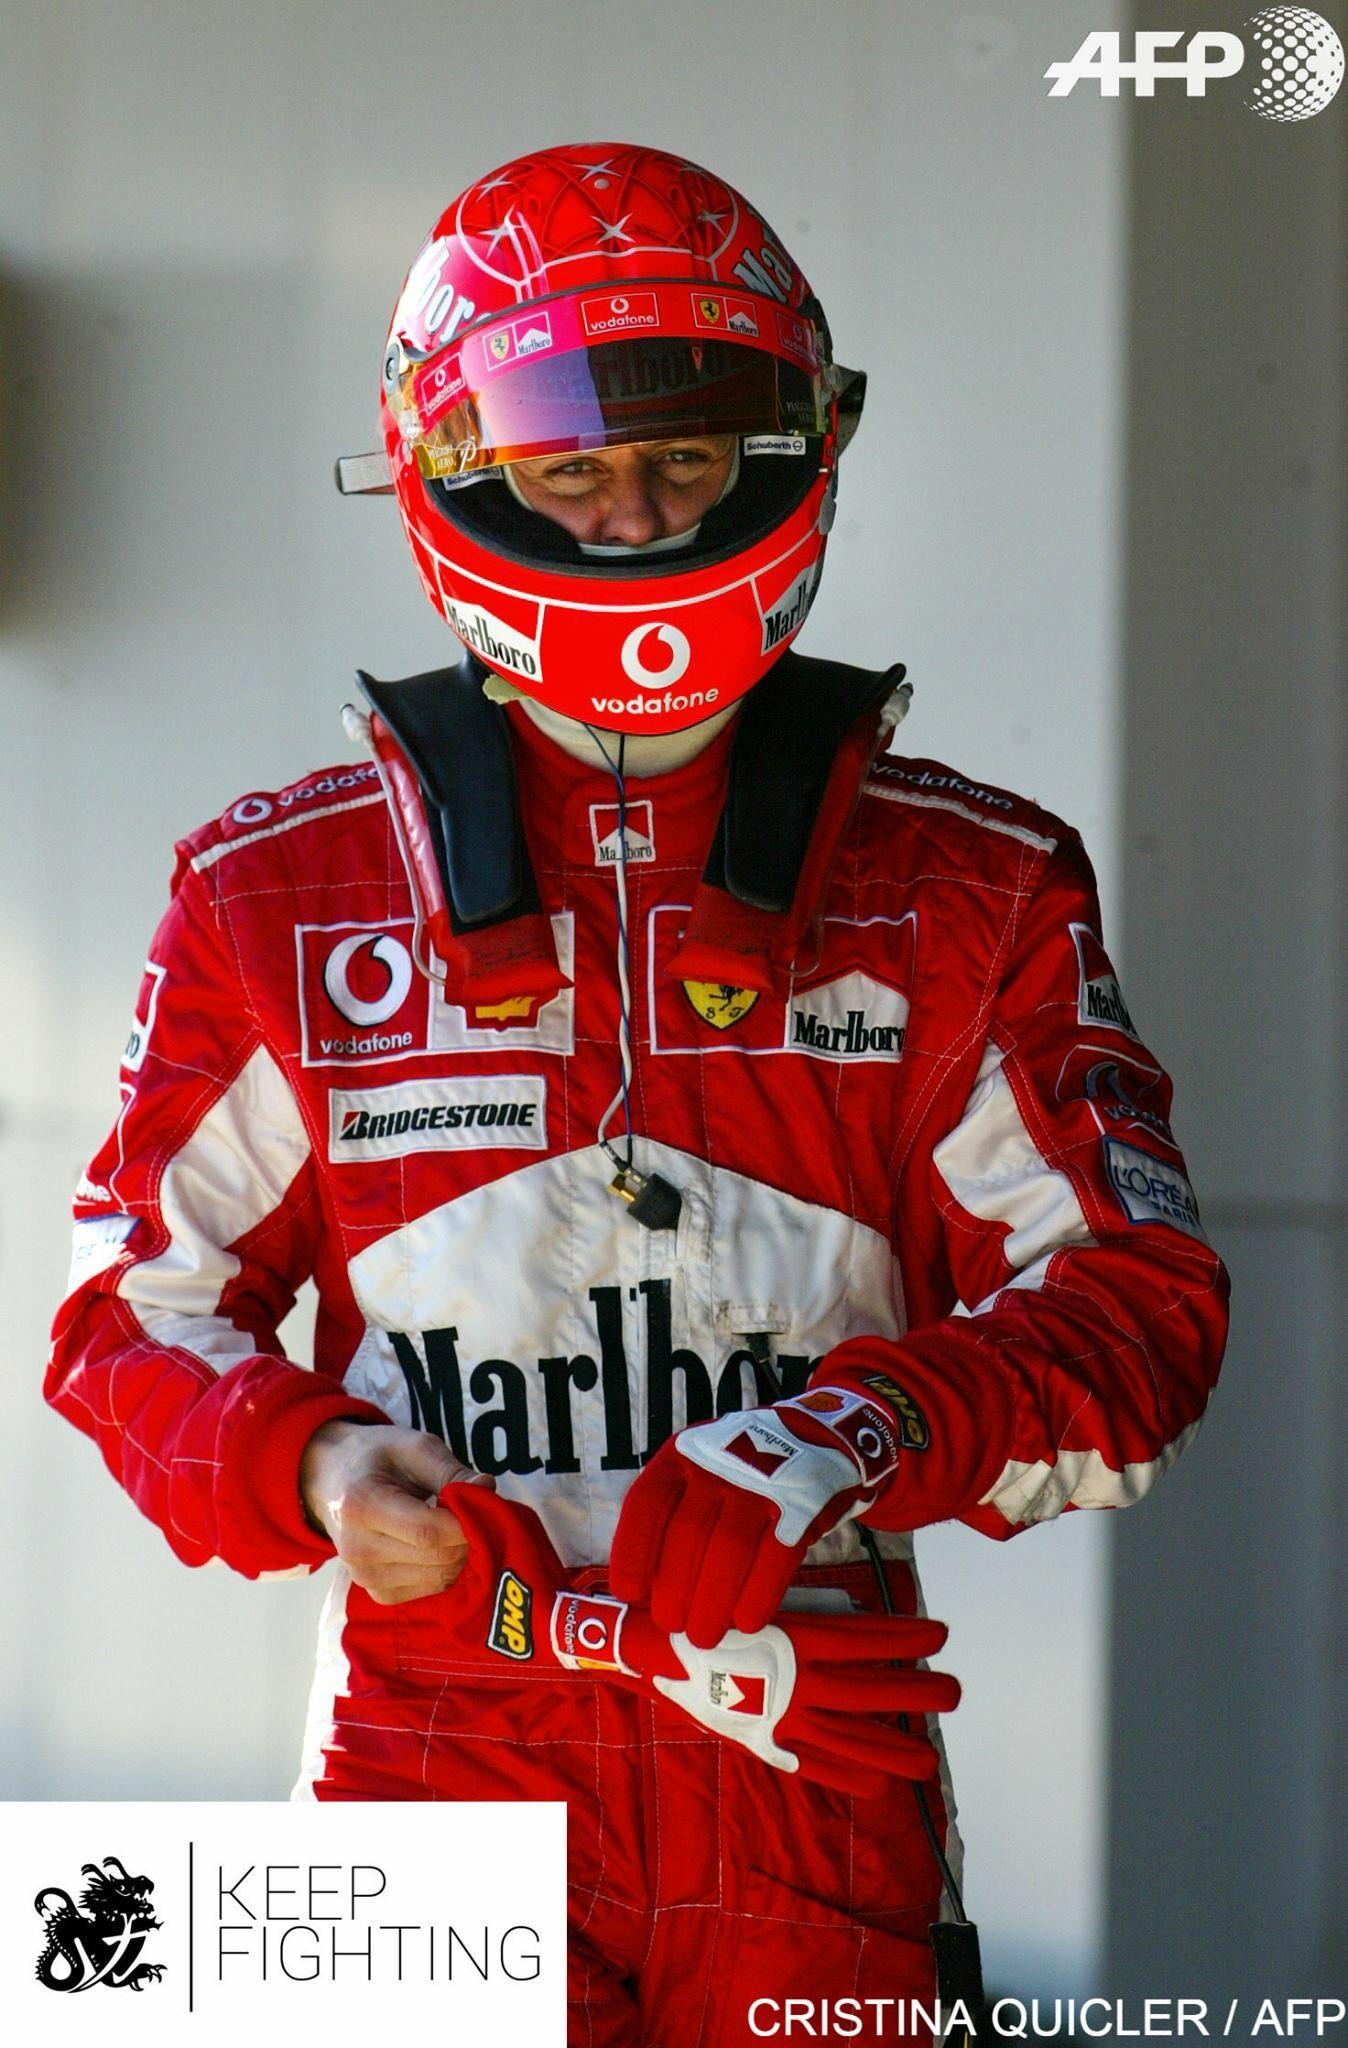 Michael Schumacher Ferrari Driver Heroes Pinterest